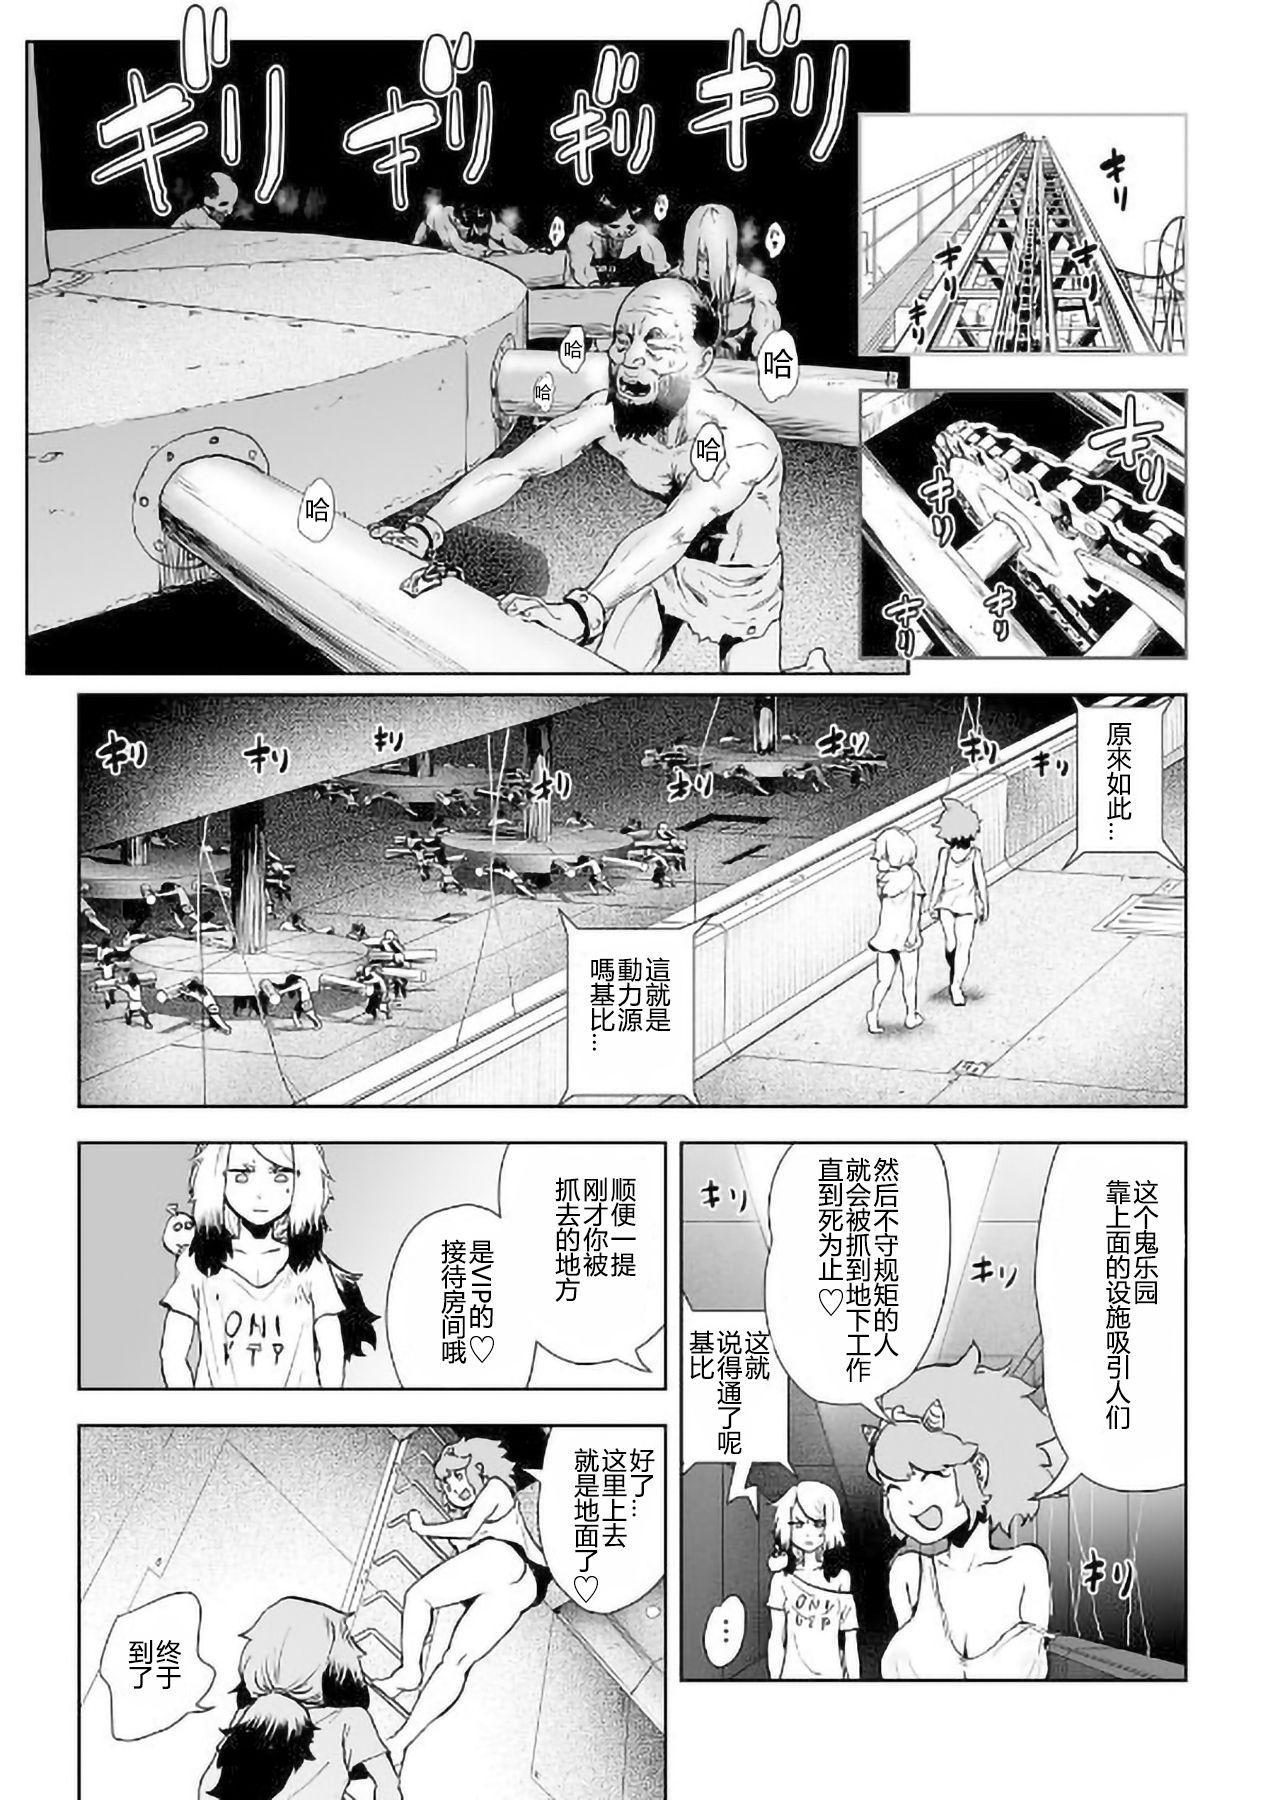 MOMO! Daiyonwa Youkoso Oniland no Maki 17